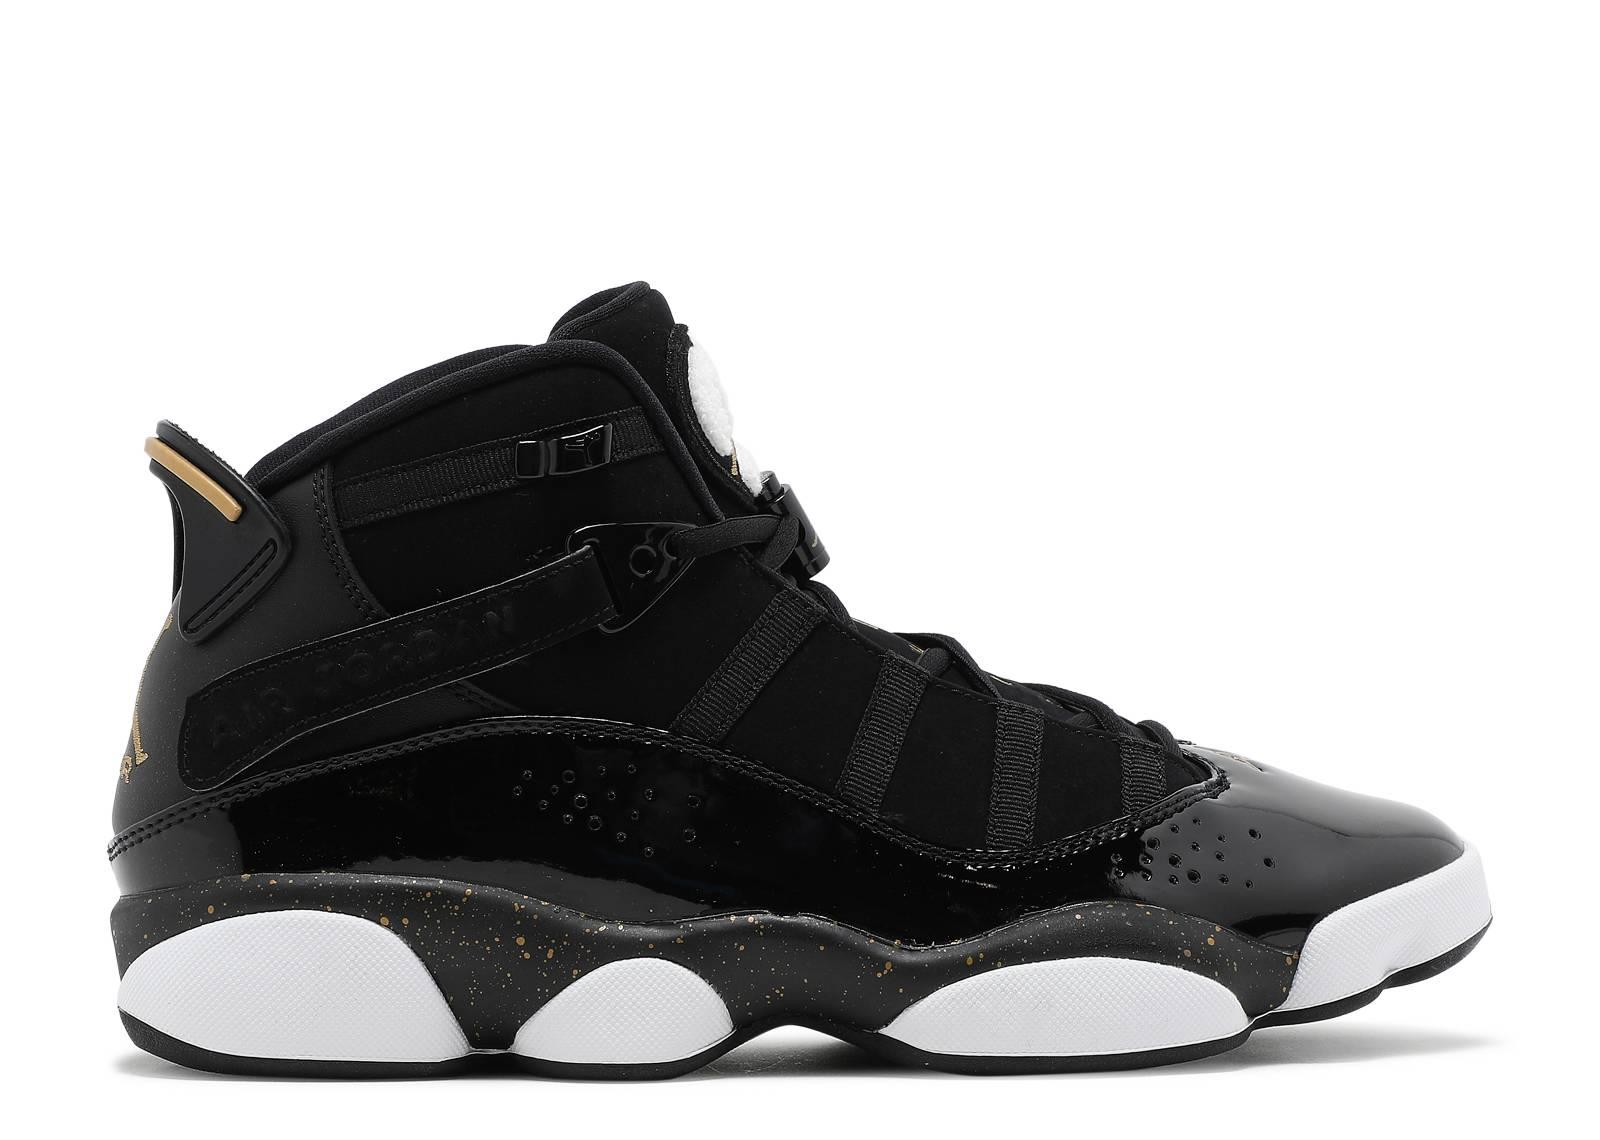 b1e262ab6adc Air Jordan 6 (VI) Shoes - Nike